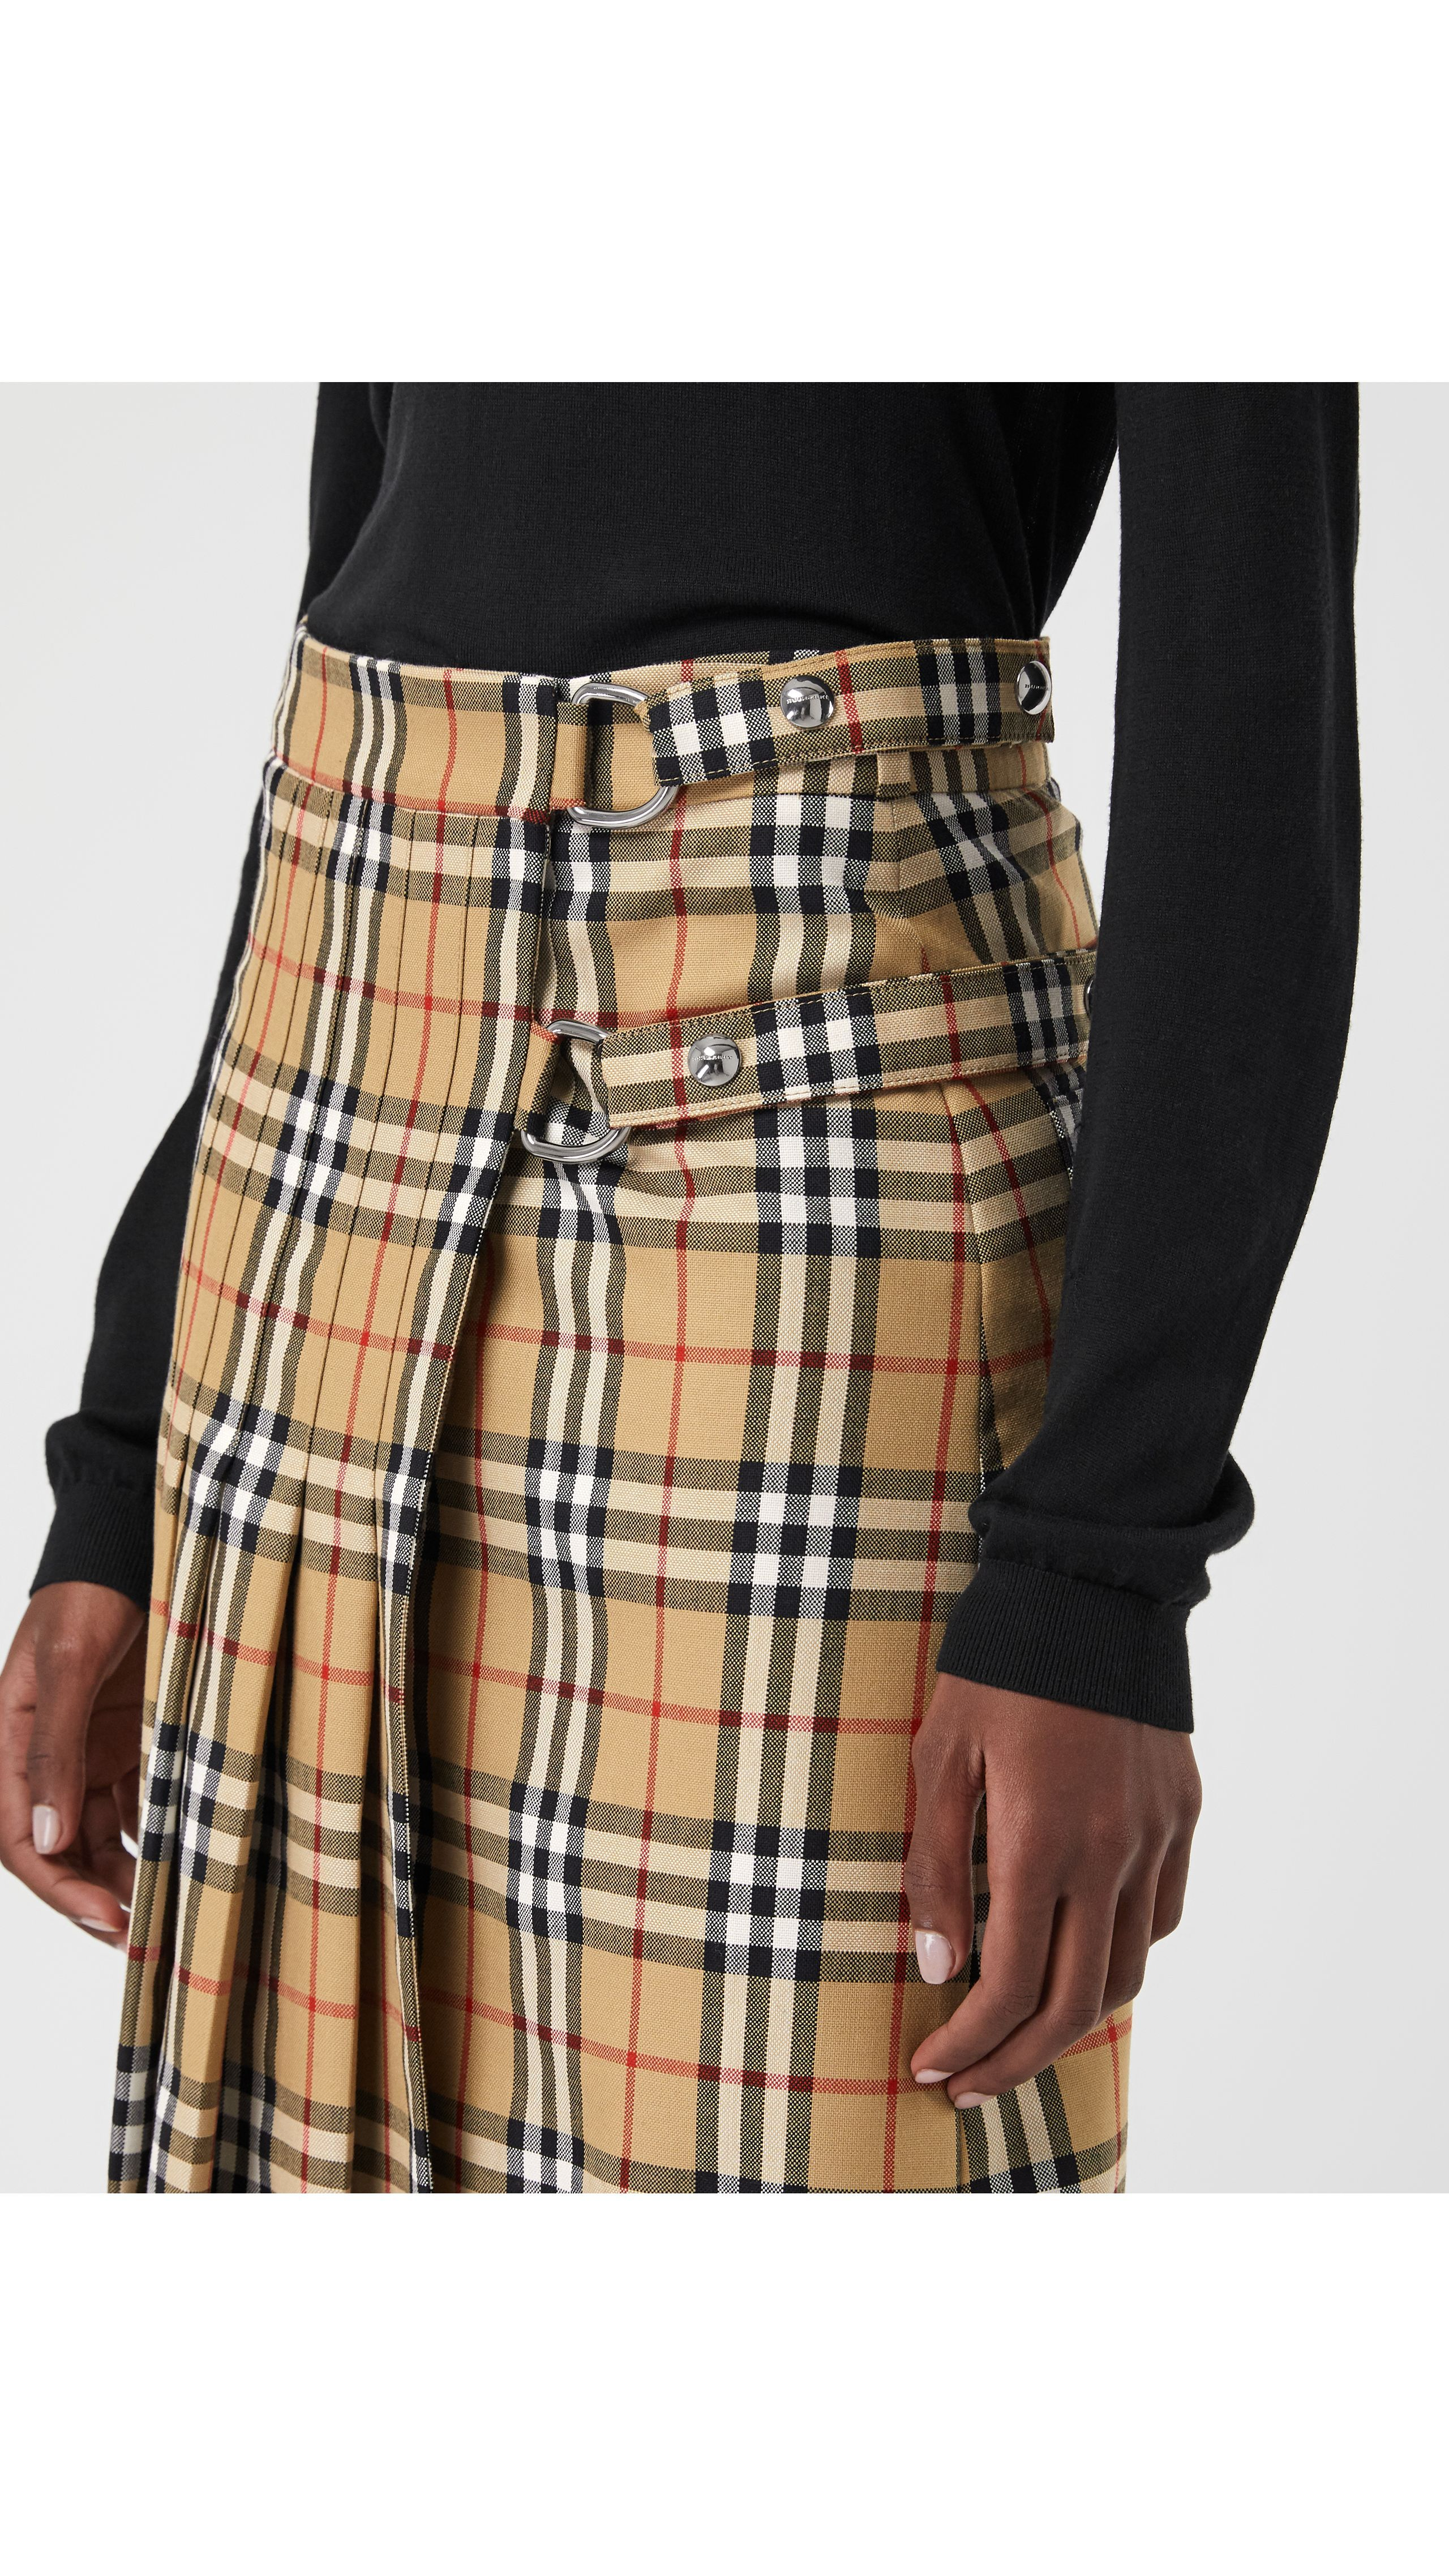 ddca4fc95 Faldas para mujer   Burberry   S A I A S ......   Faldas, Faldas ...